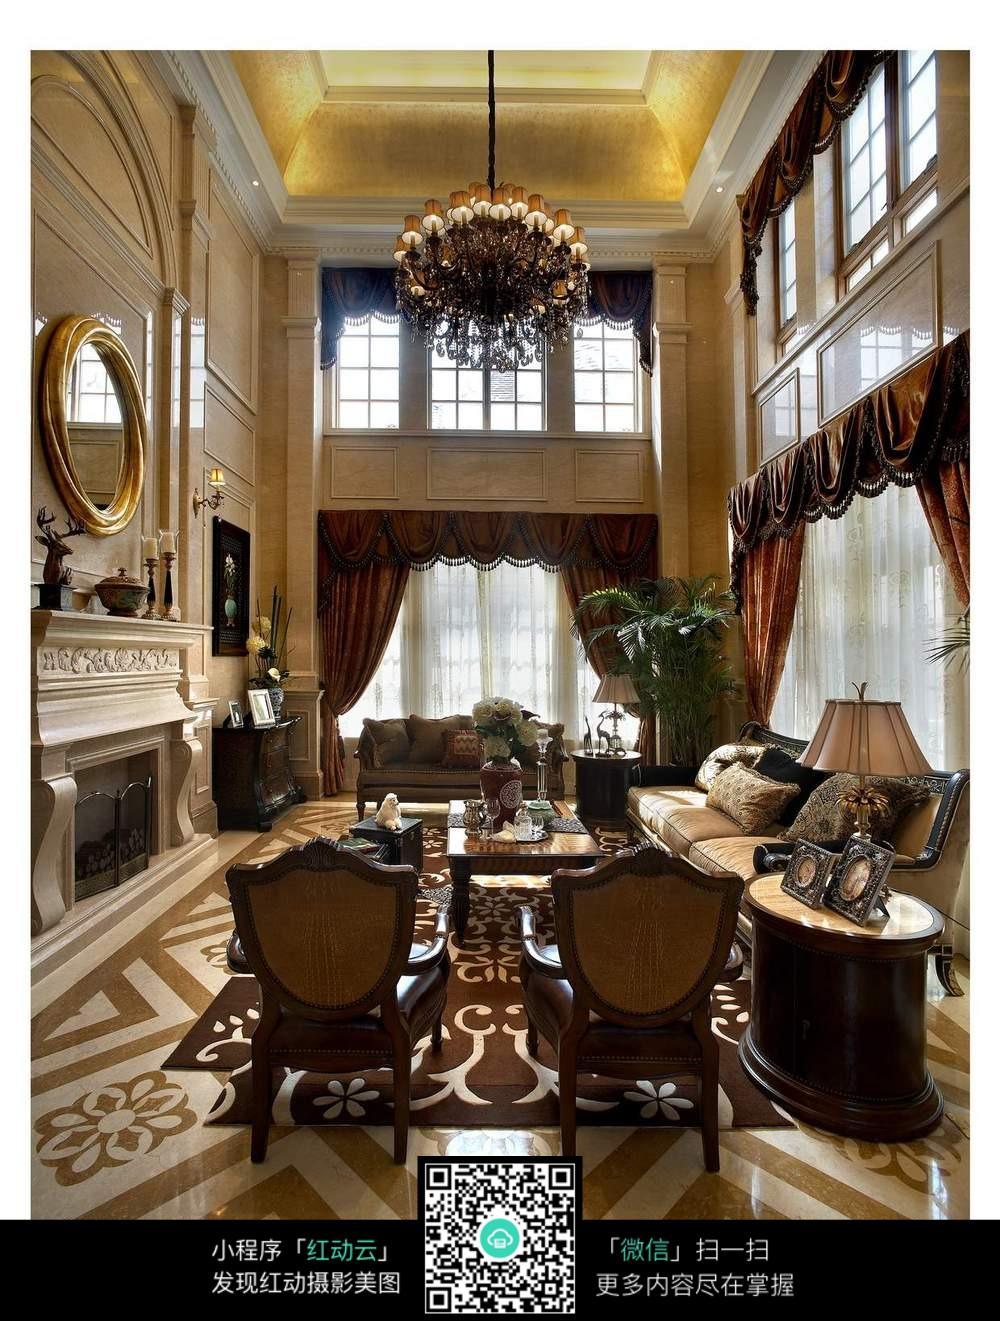 美式风格客厅装修效果图图片